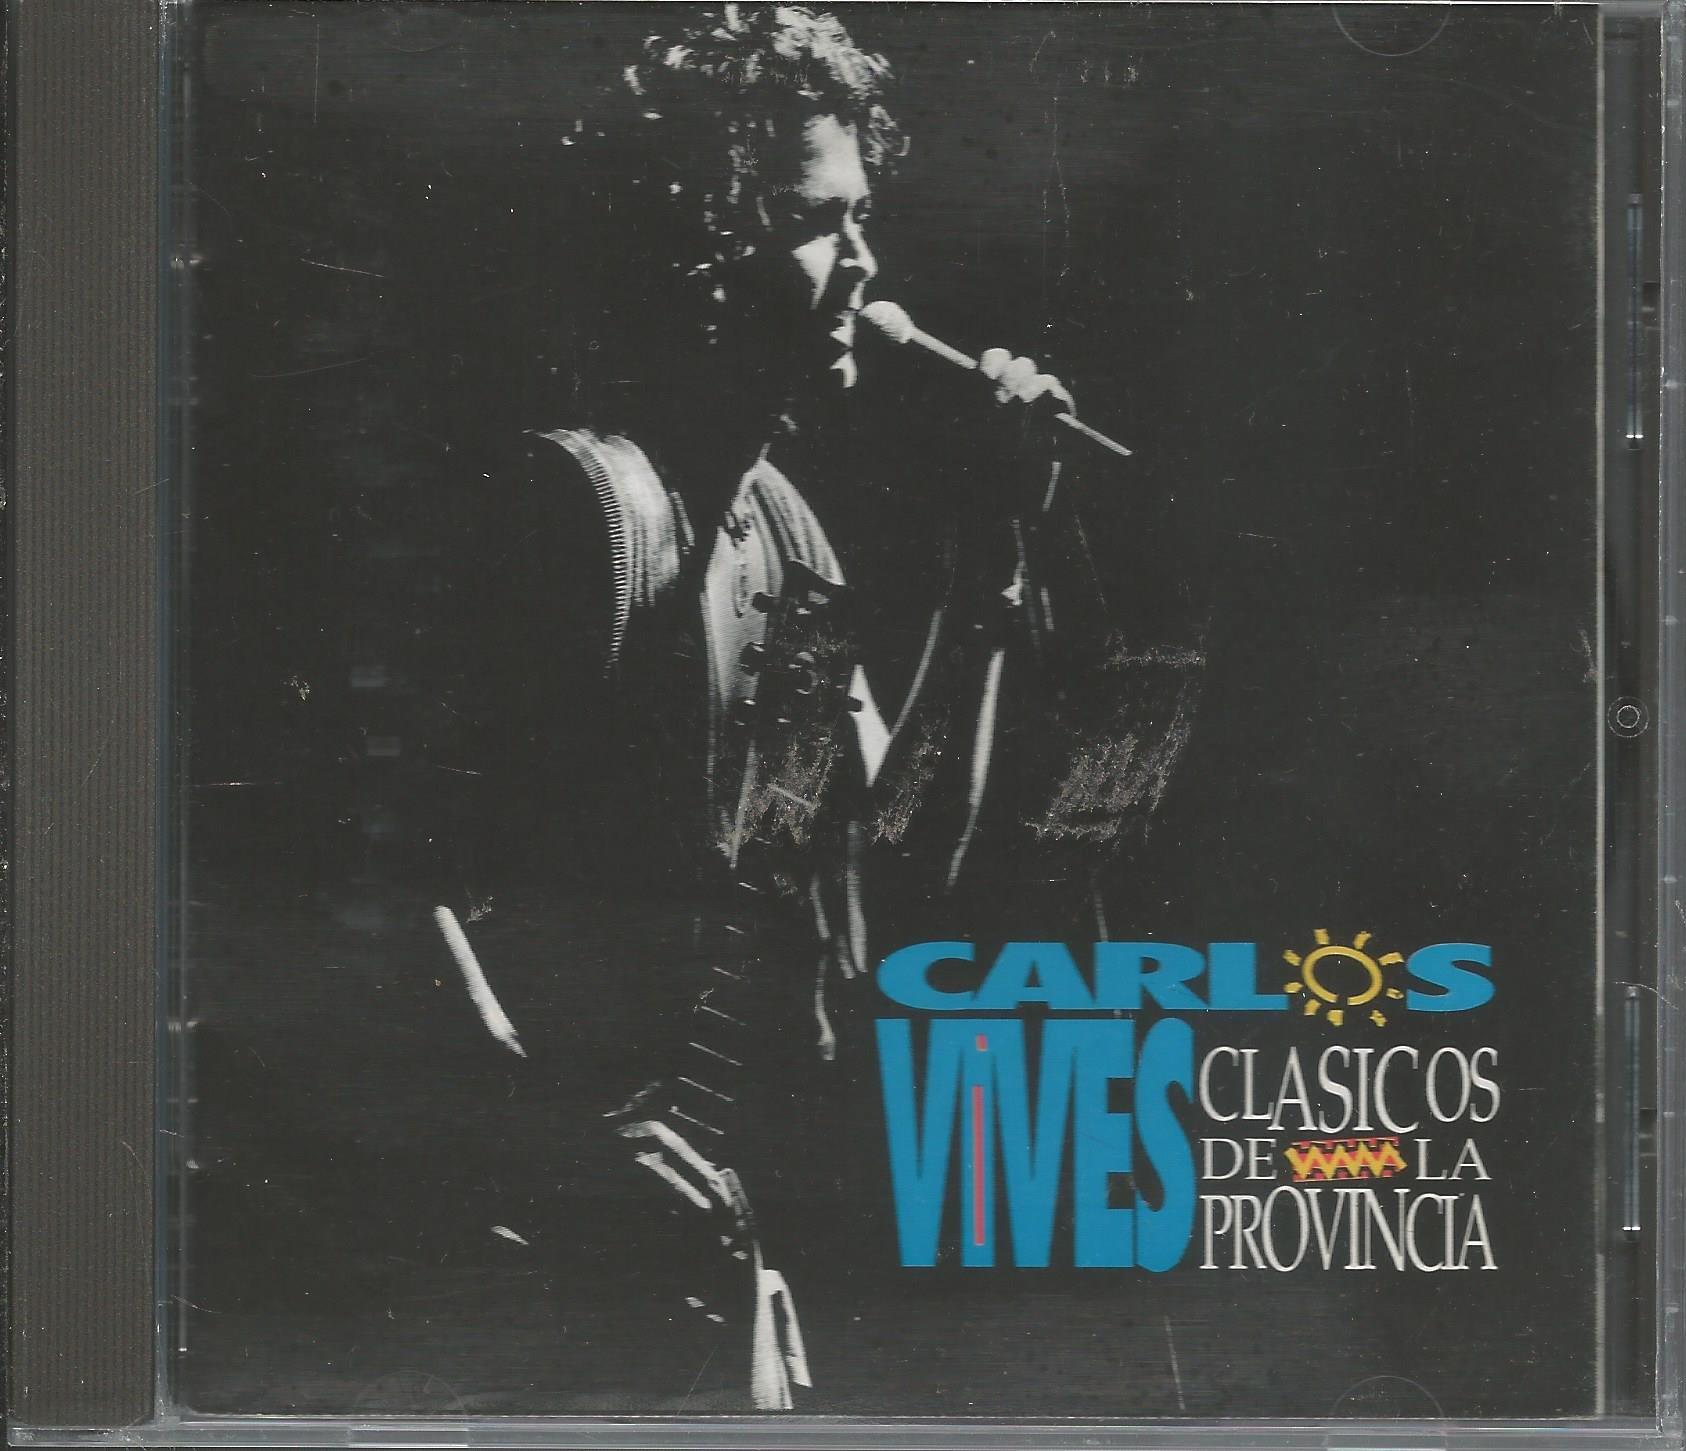 CD VALLENATO CARLOS VIVES CLASICOS DE LA PROVINCIA by